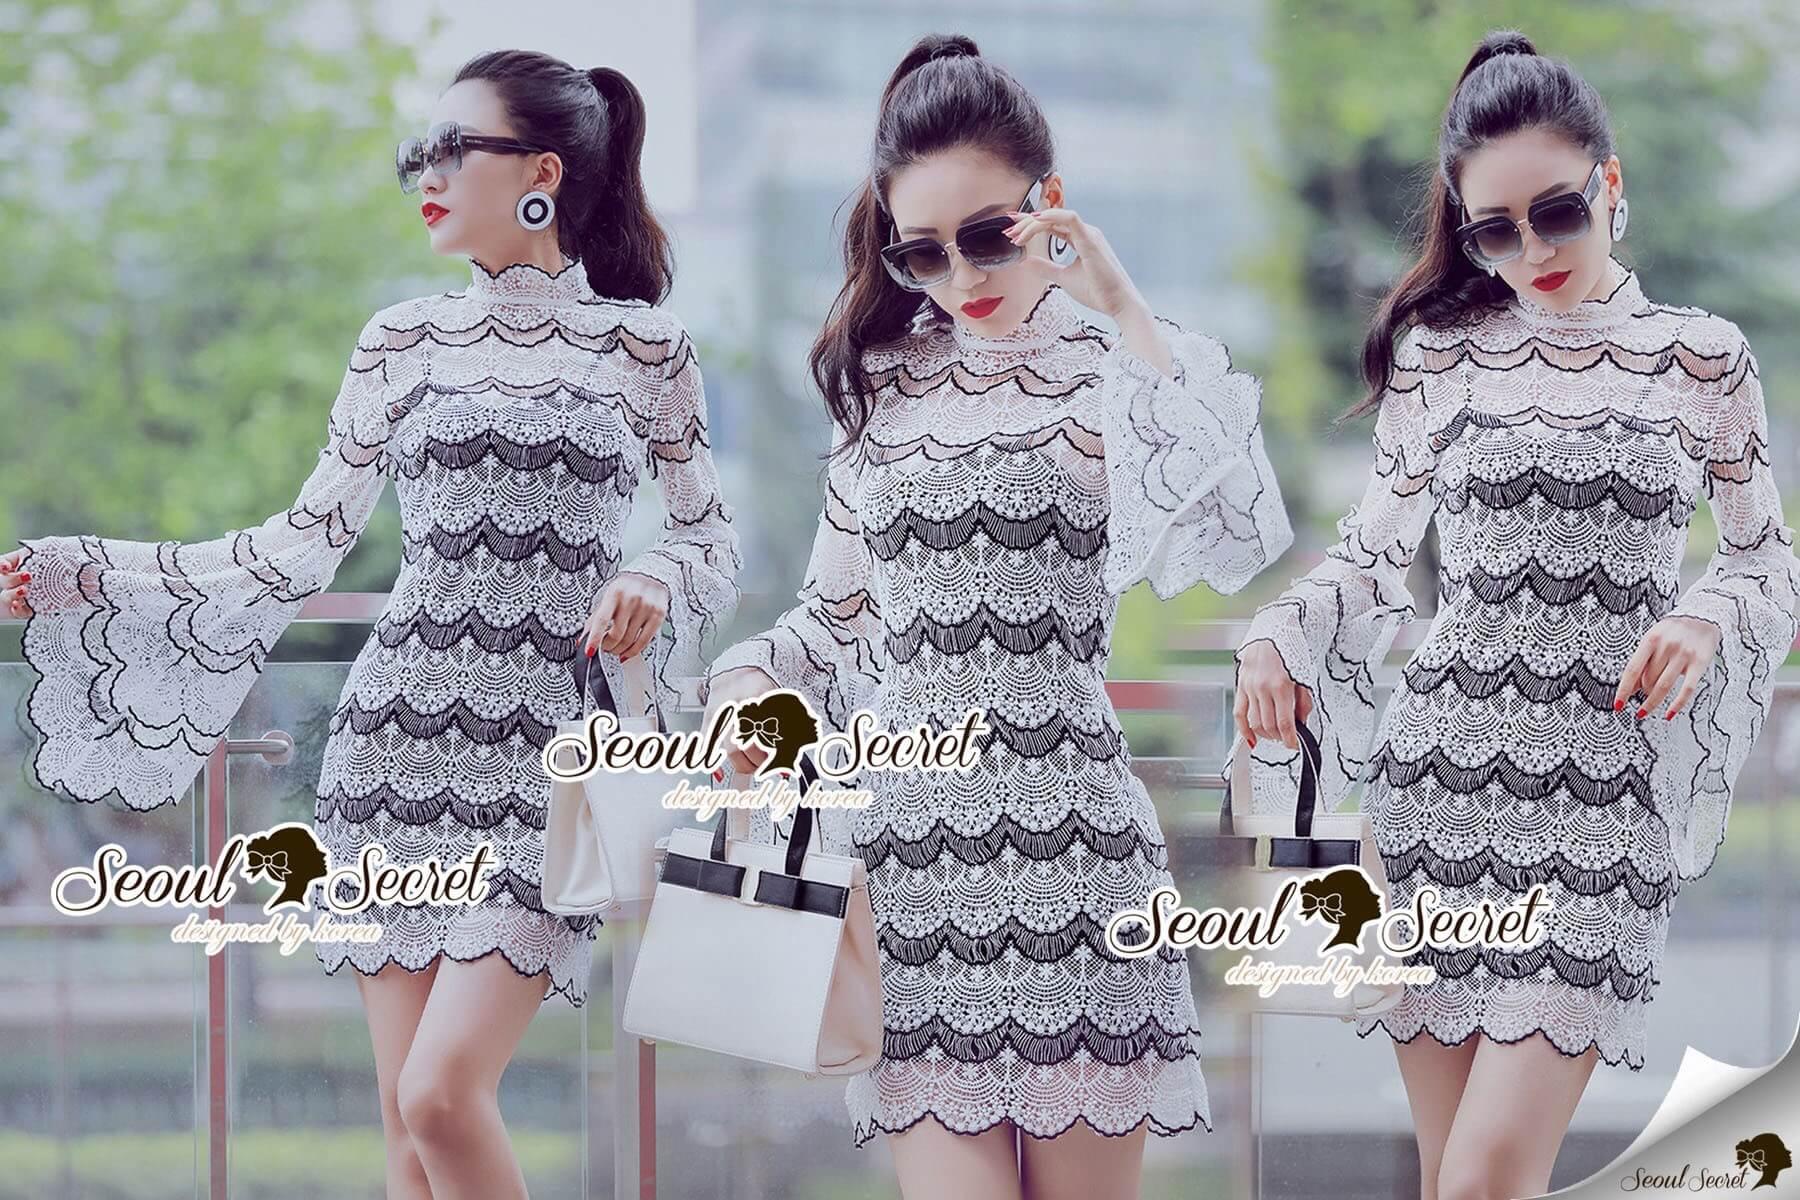 Seoul Secret Say's... Stylishness Laver Lace Belly Dress